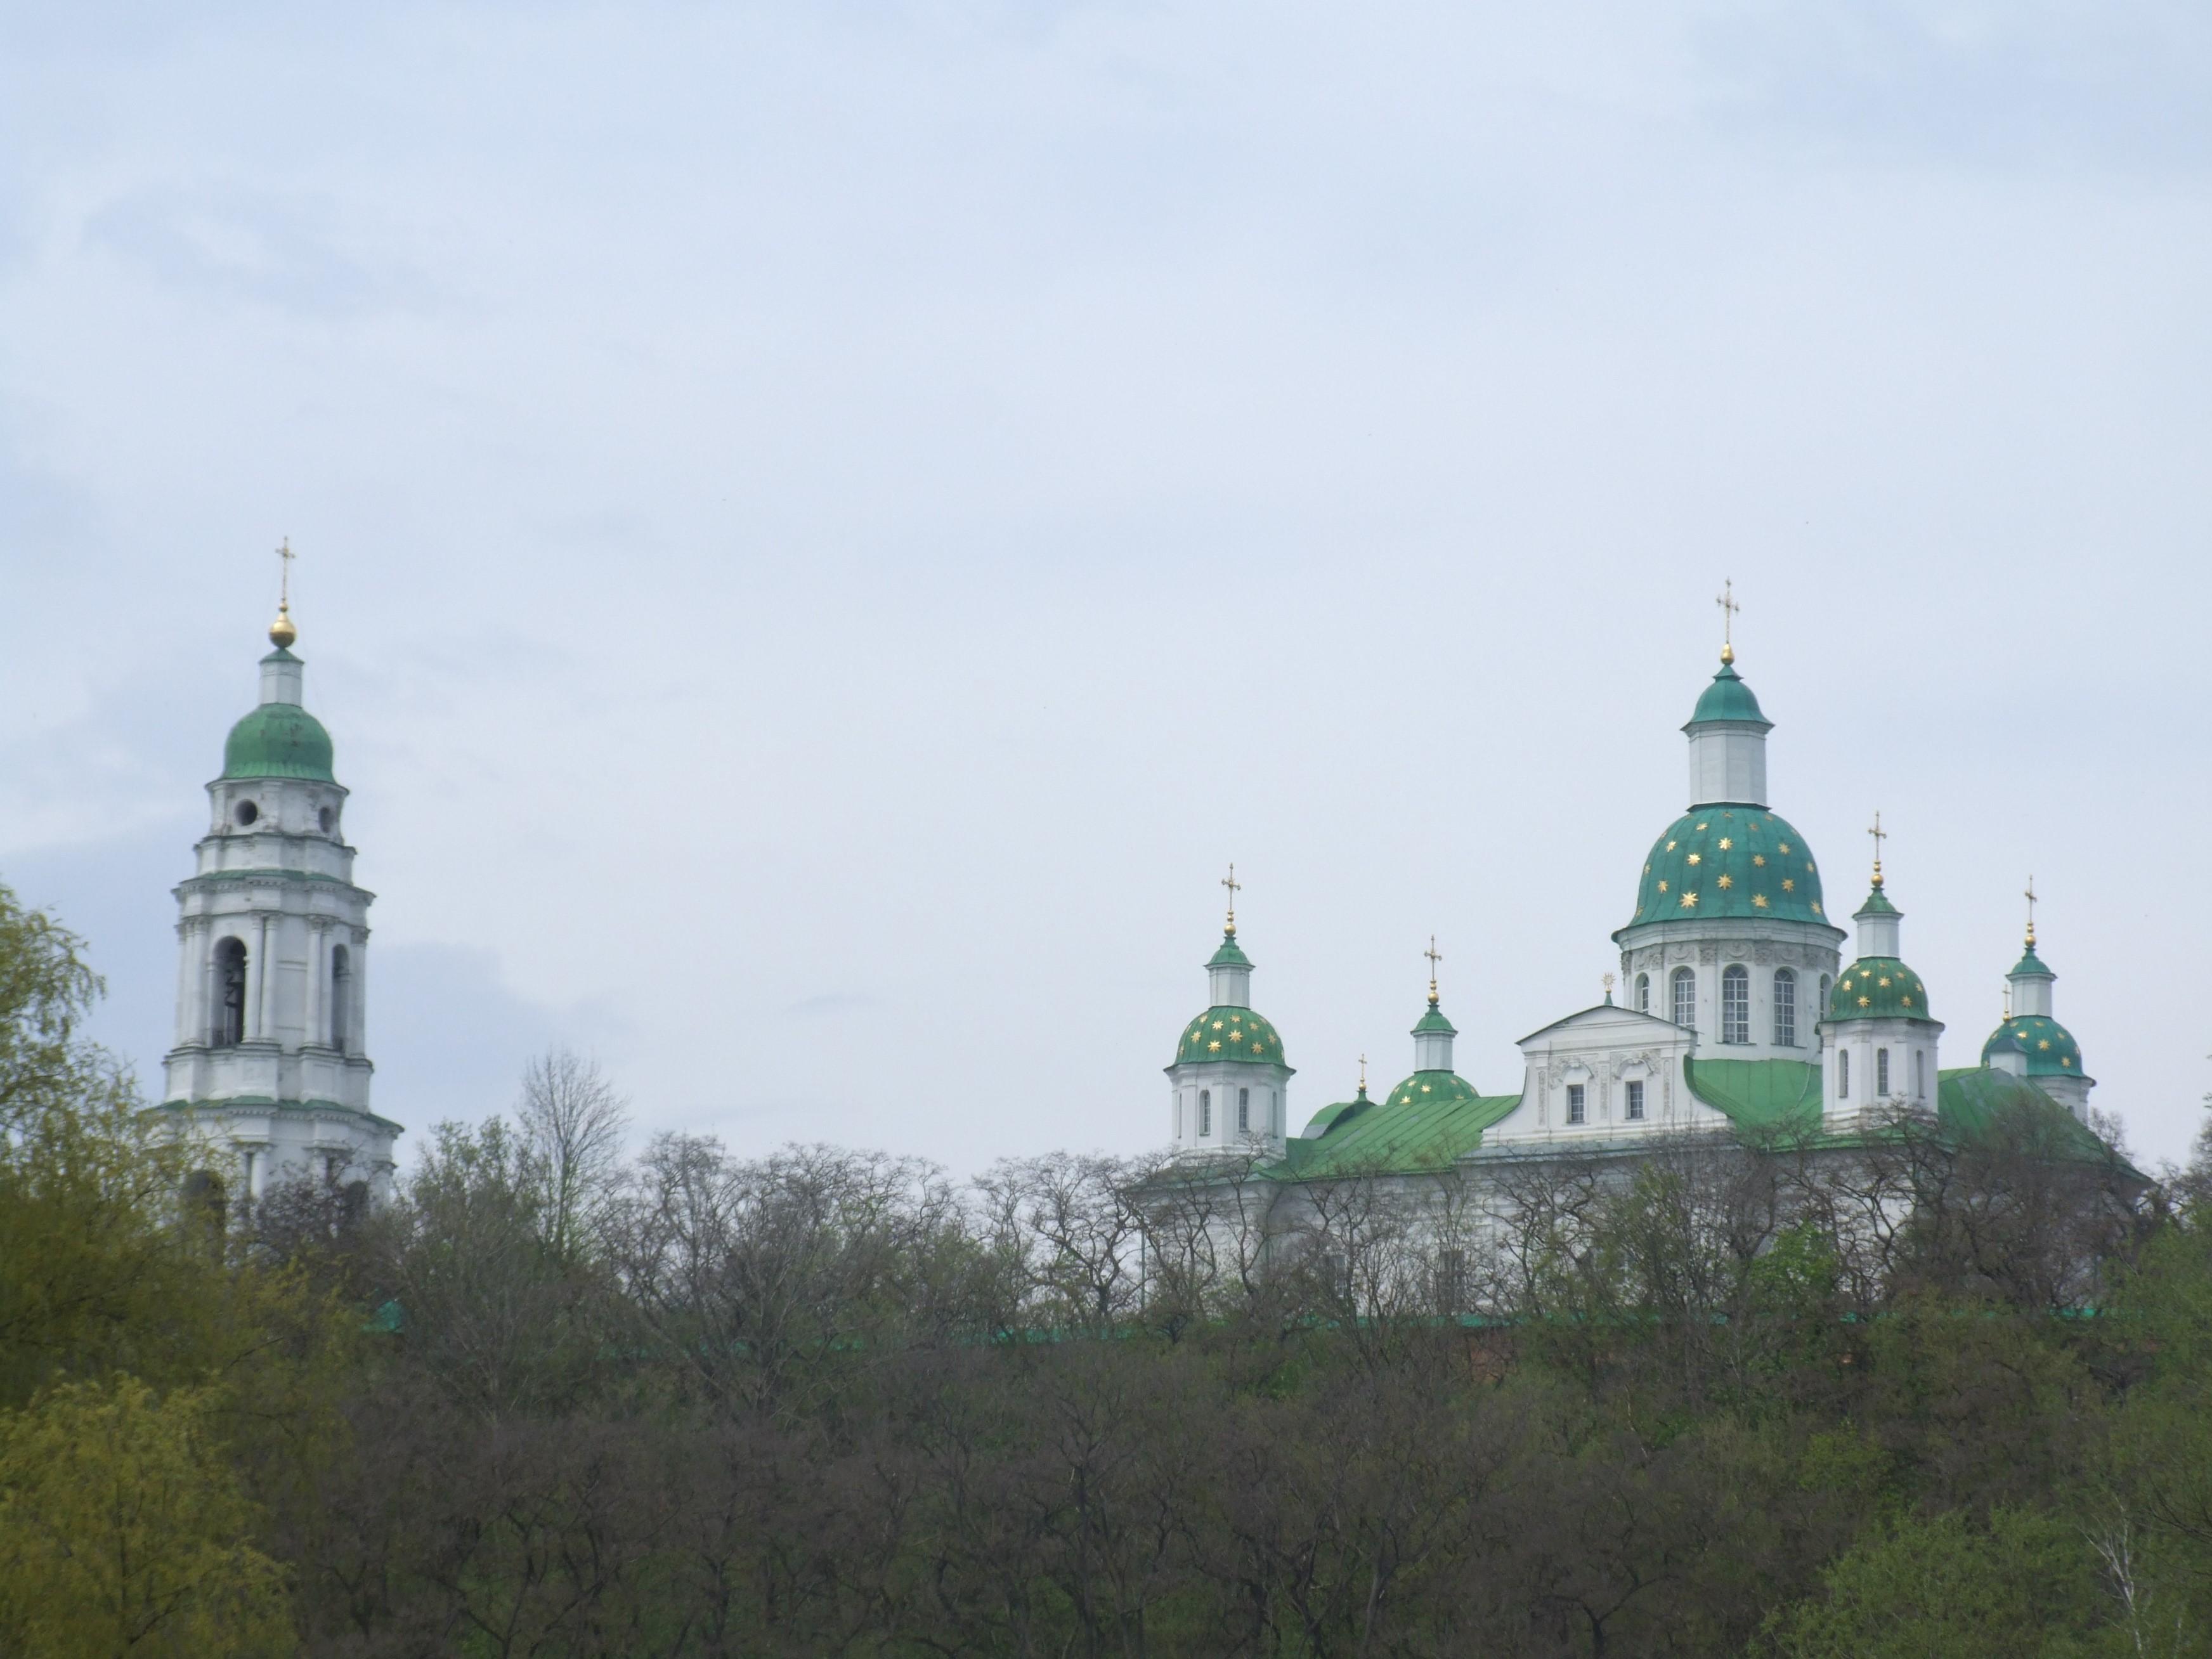 Село Мгар Лубенського району Полтавської області.